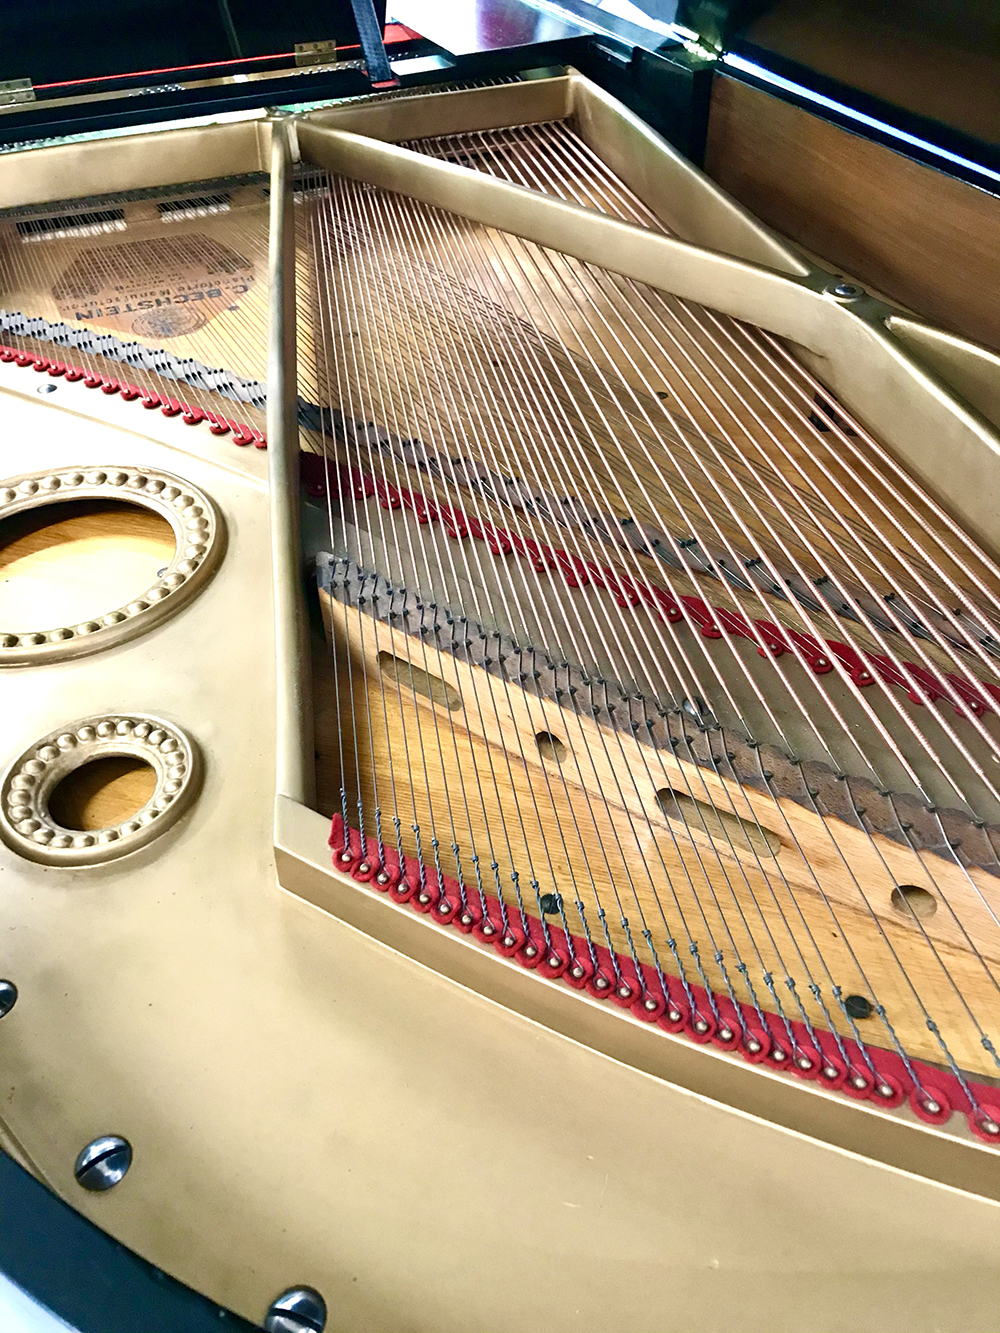 Bechstein-model-v-grand-Piano-Dorset-for-sale-2.jpg